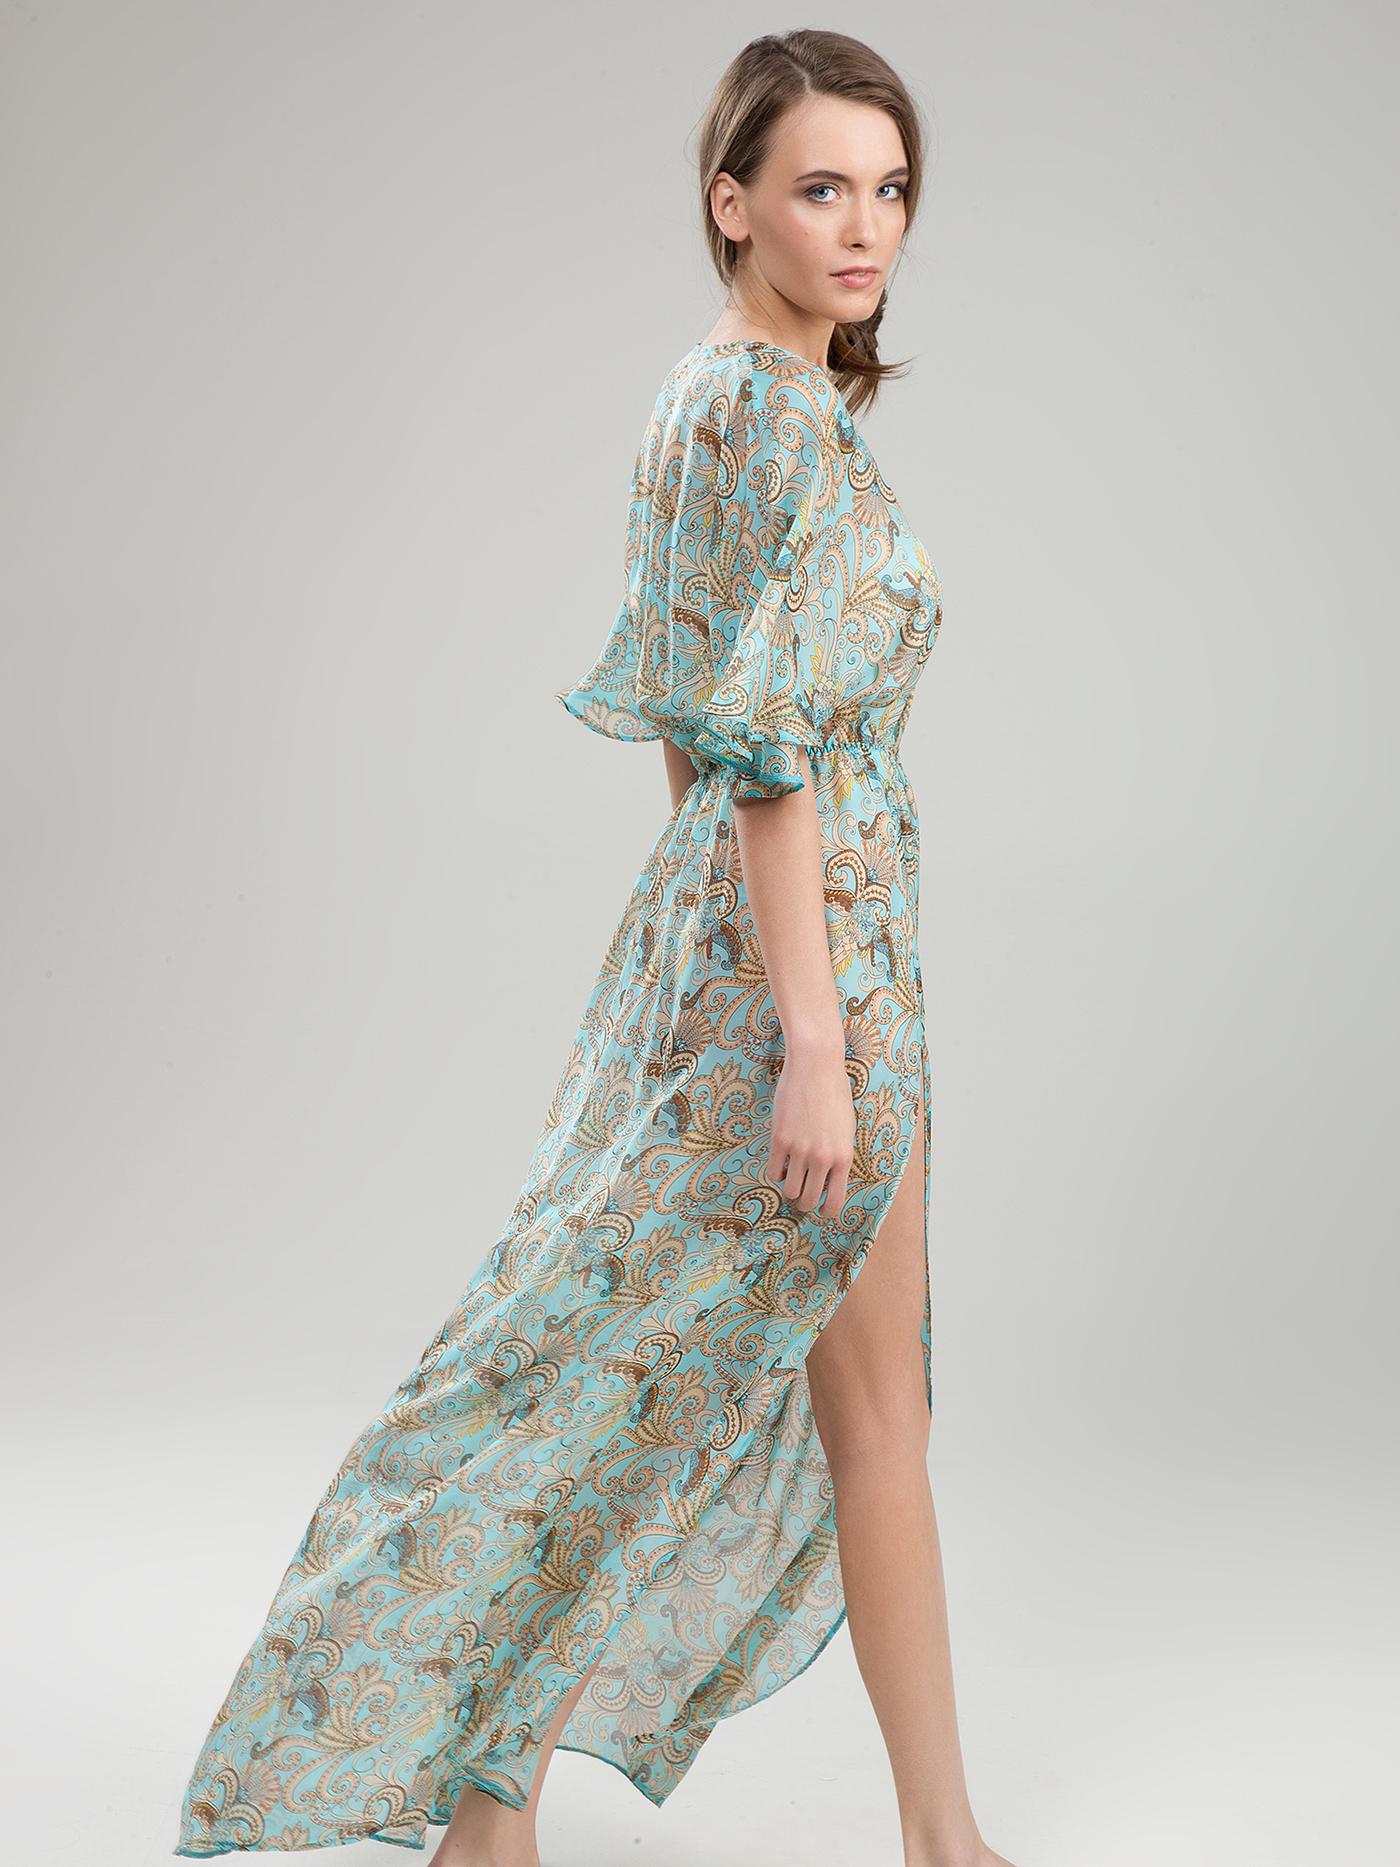 Платье croisette blue romance beachБюстье<br>платье<br><br>Цвет: Принт пейсли голубой<br>Декор: Без декора<br>Стилистика: Без стилистики<br>Направление: Бюстье<br>Пол: Женский<br>Материал: 100% ШЕЛК<br>Размер: 3